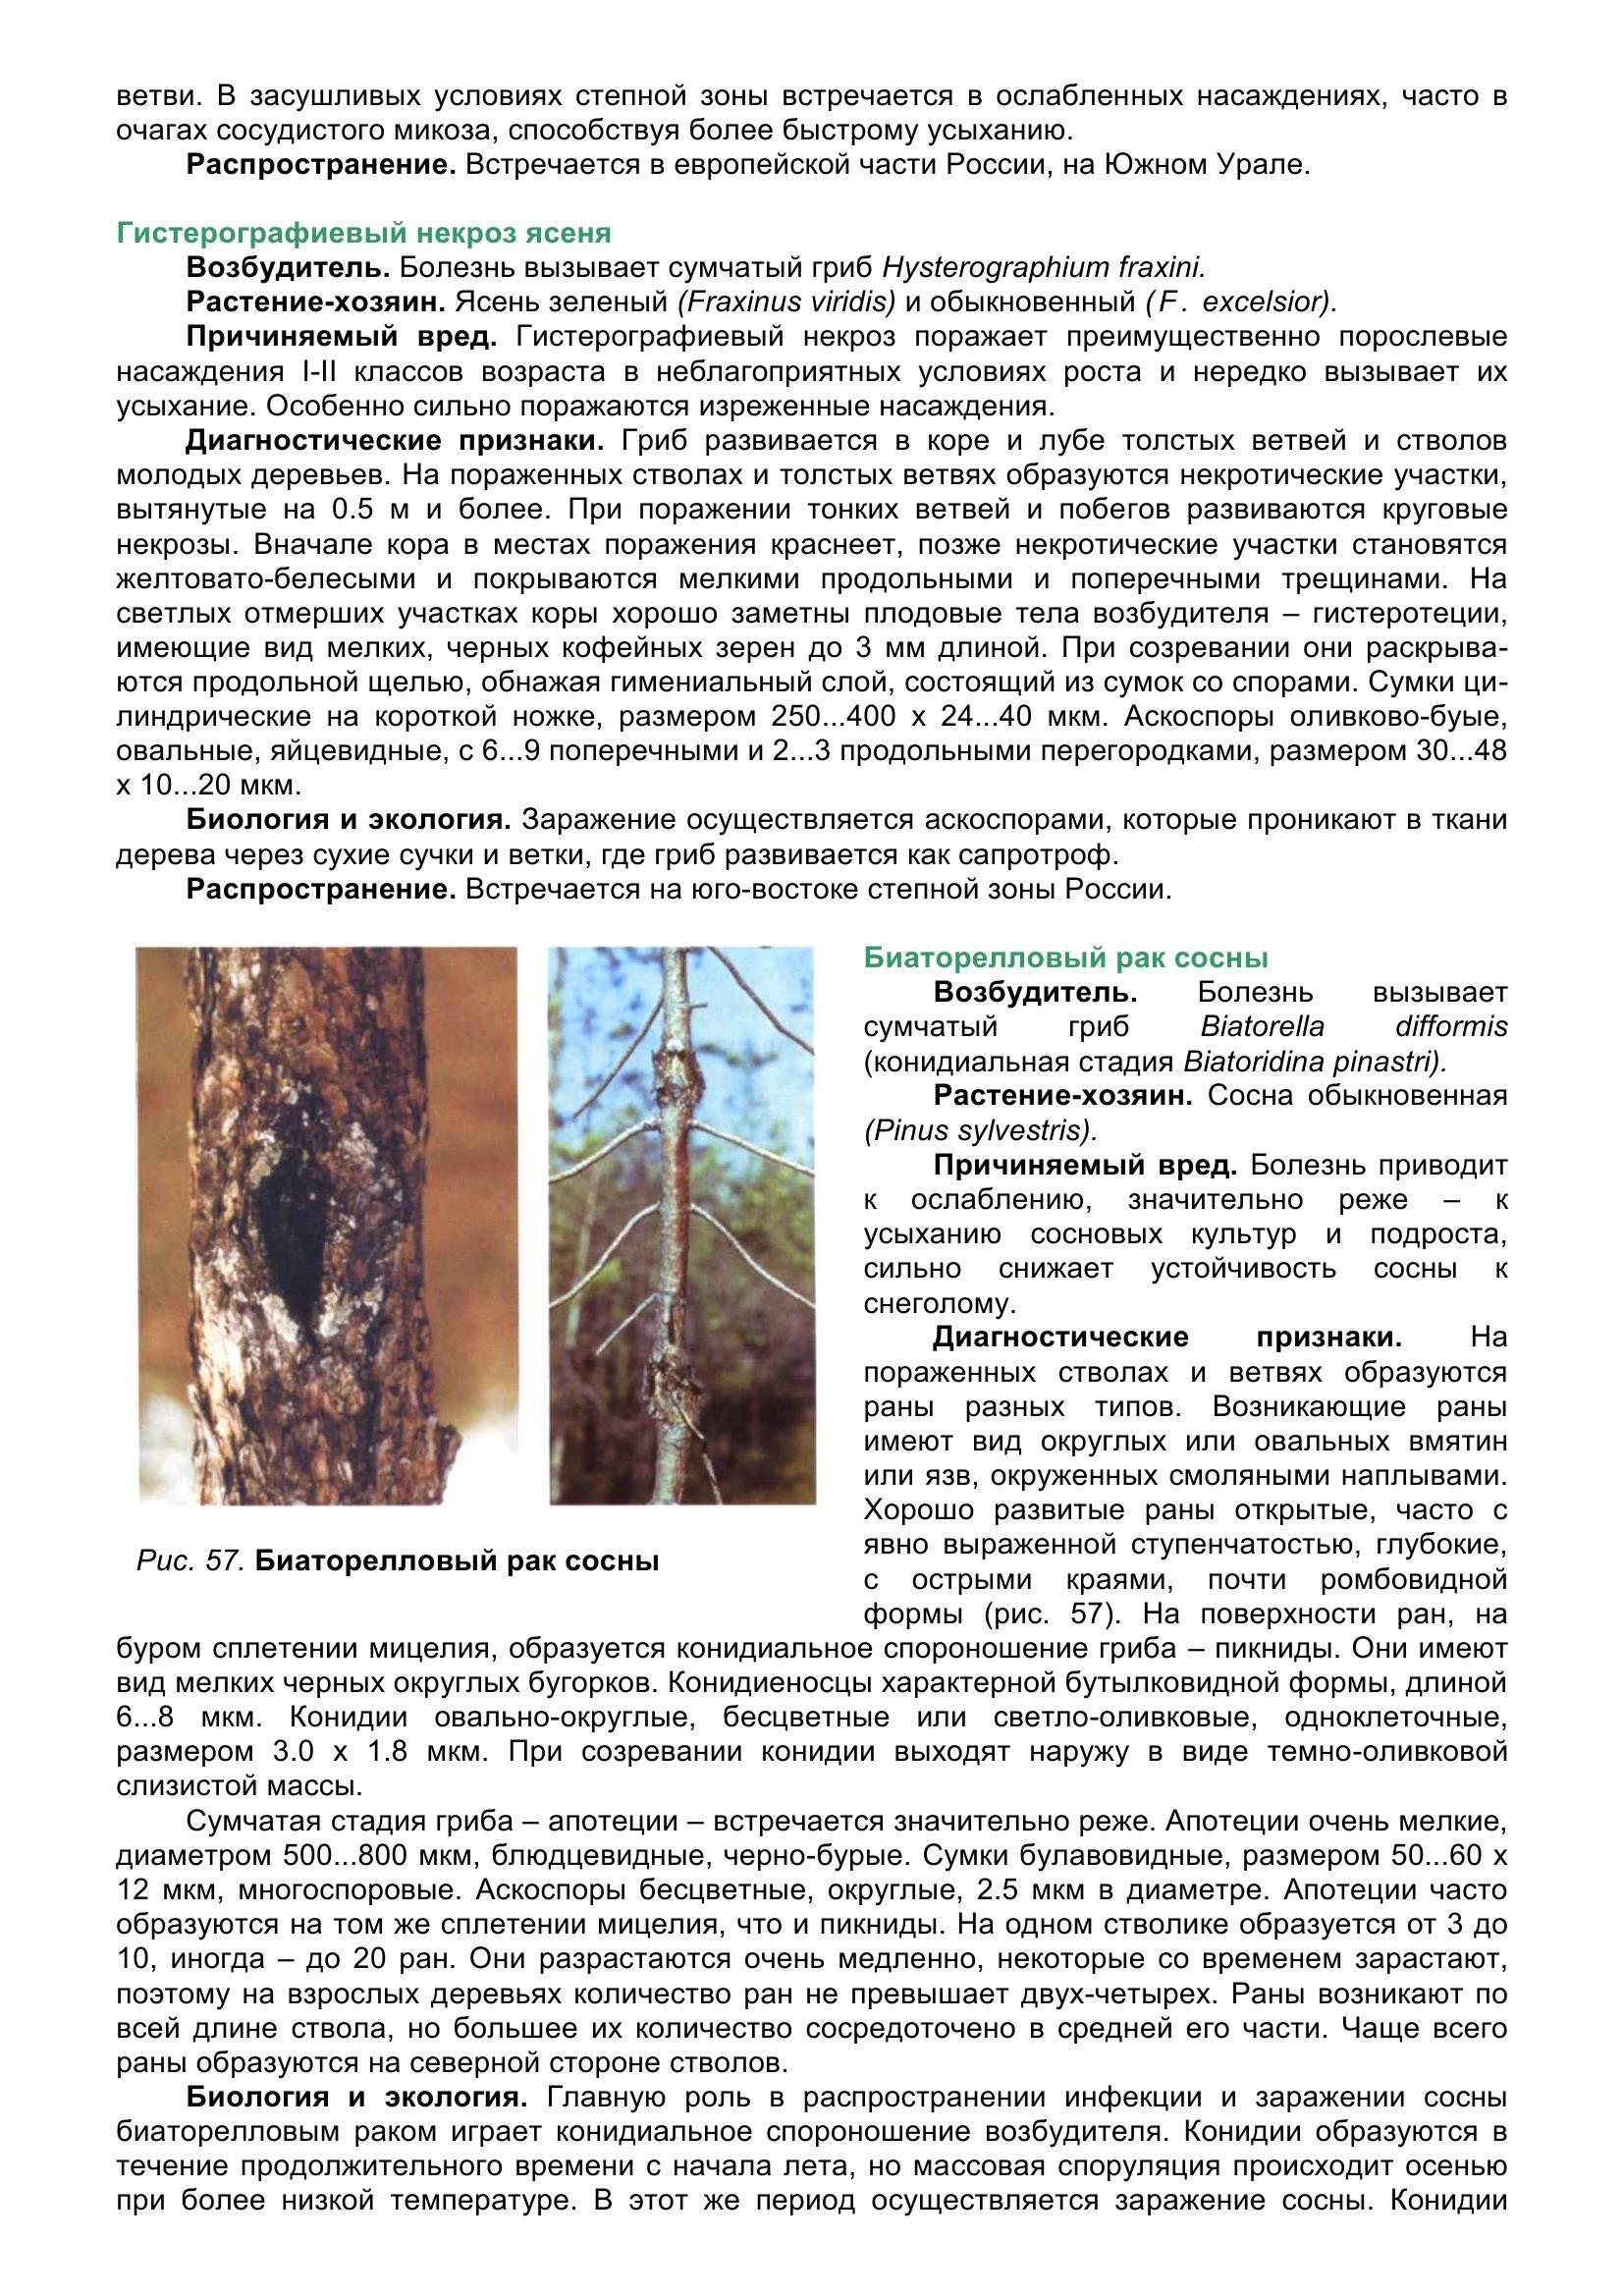 Болезни_древесных_растений_068.jpg